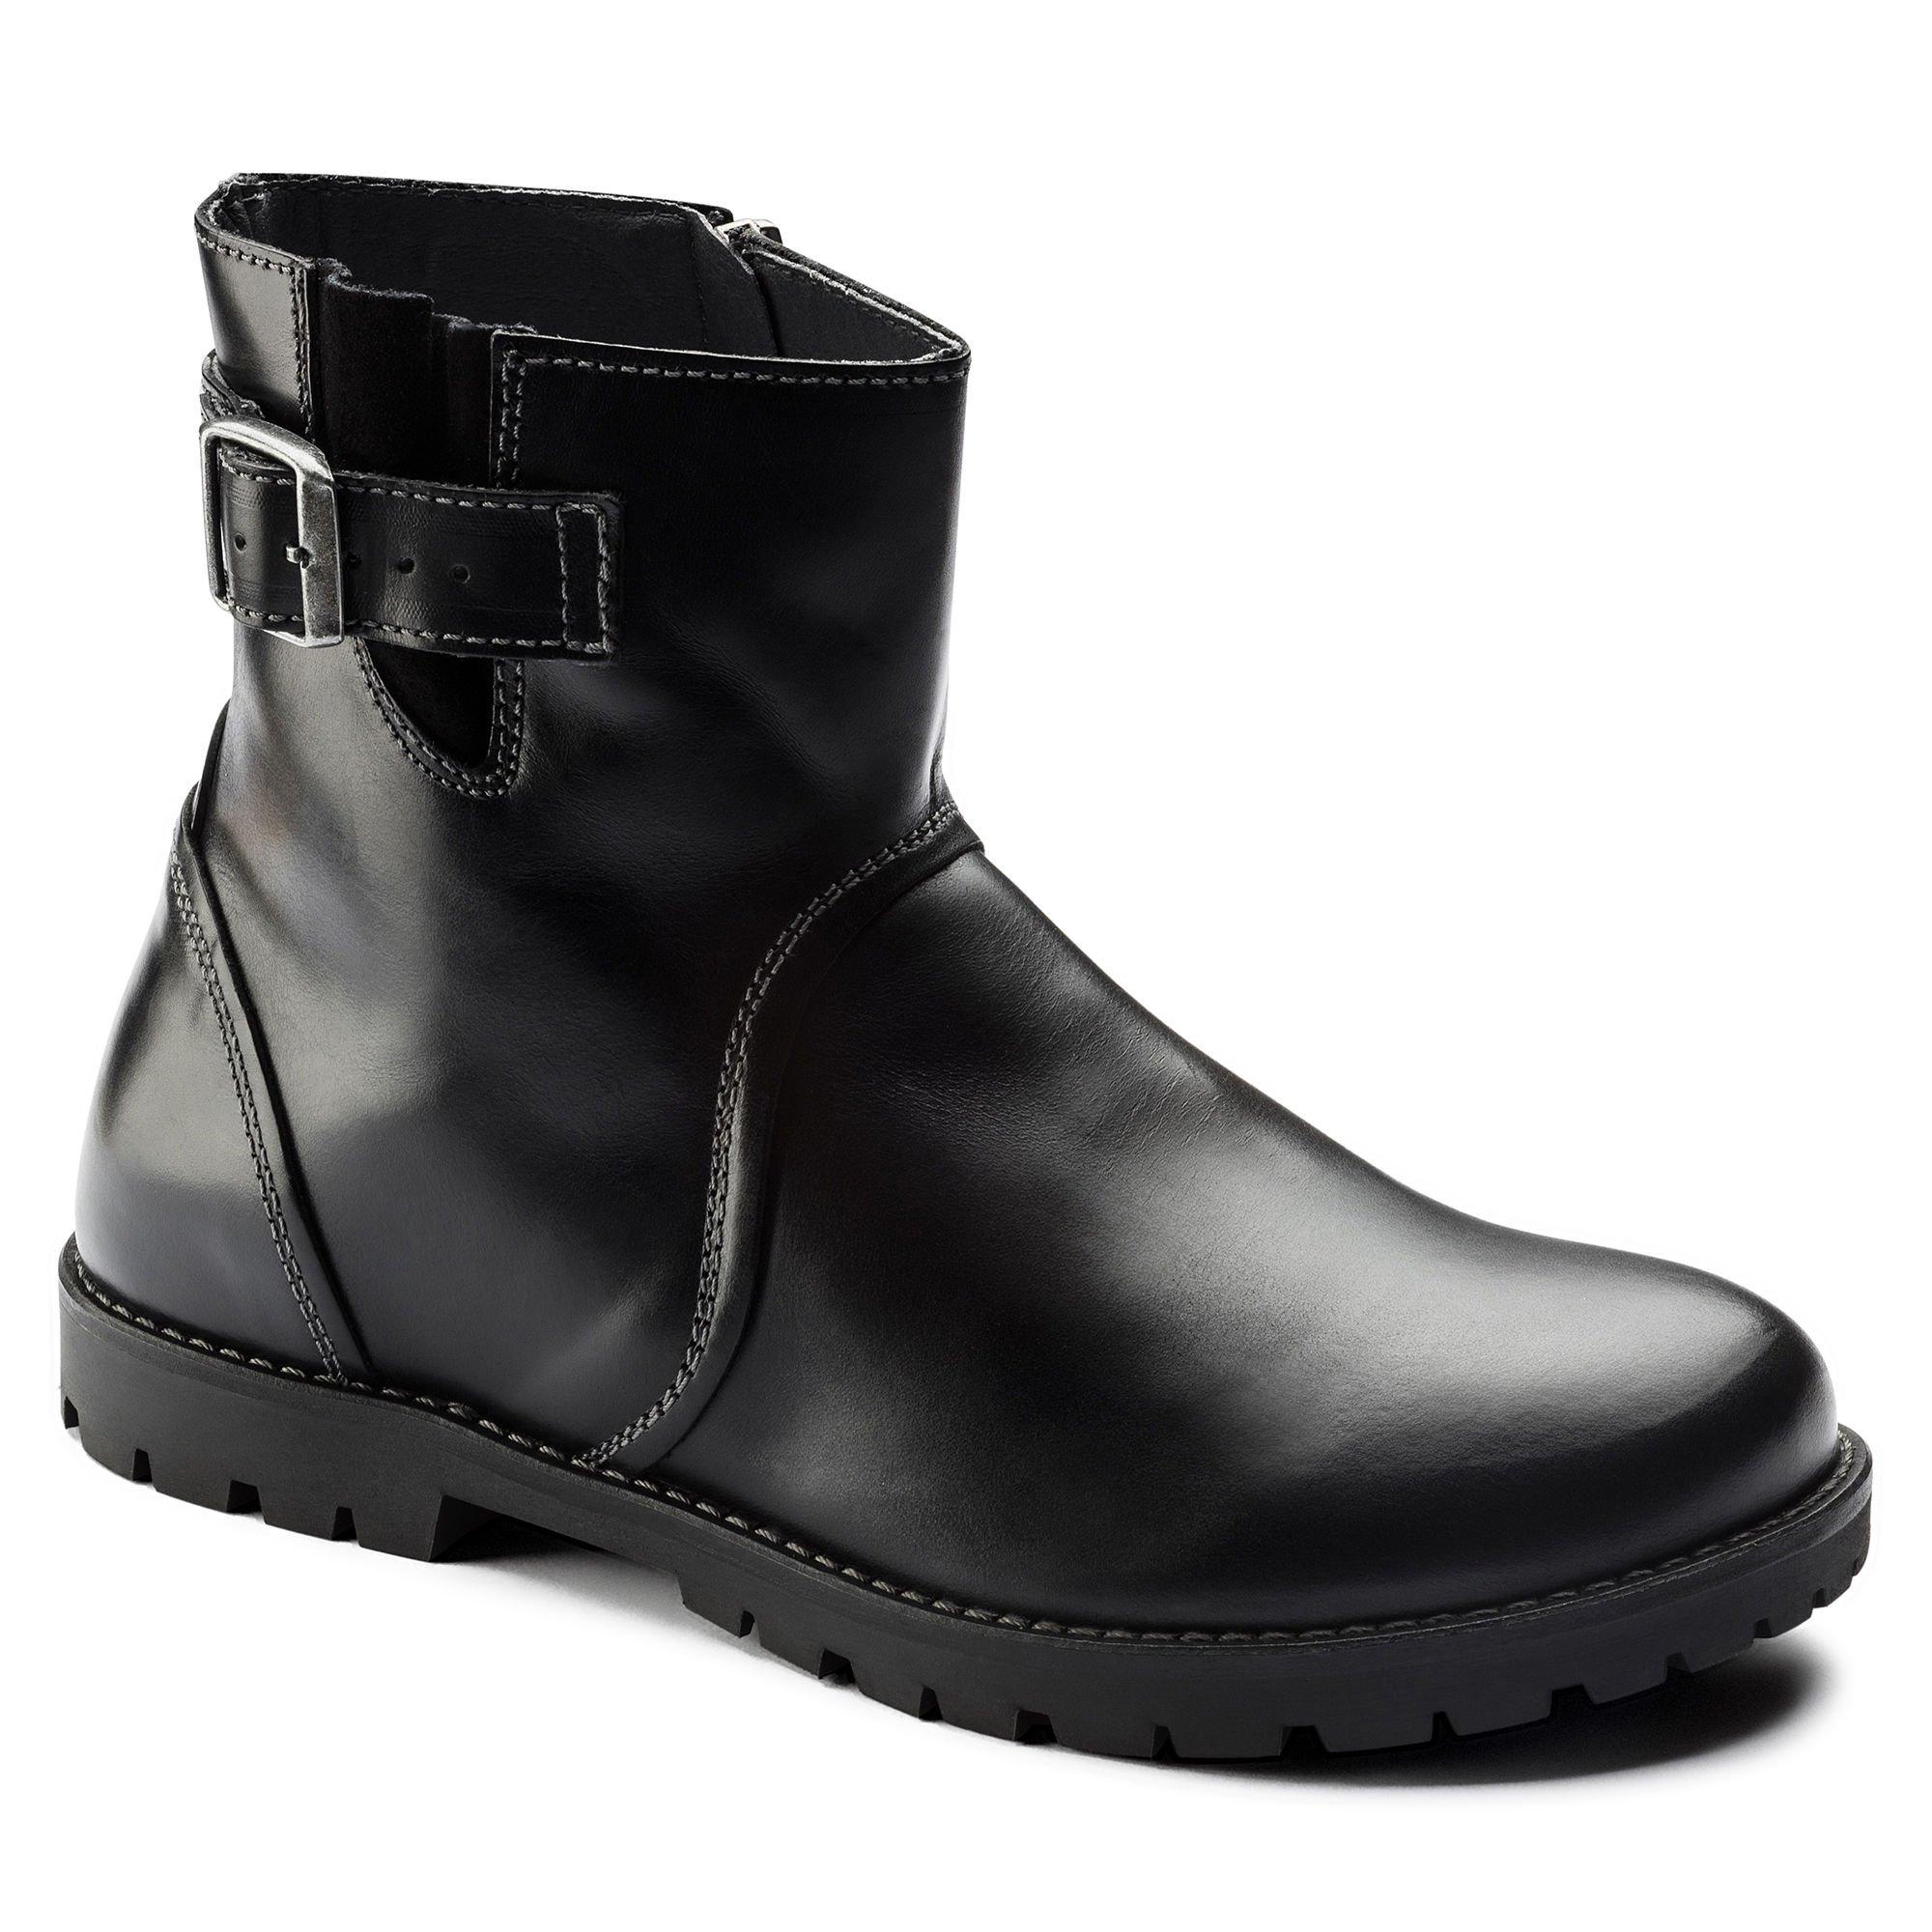 Birkenstock Women's Stowe Boot Black Leather Size 40 M EU